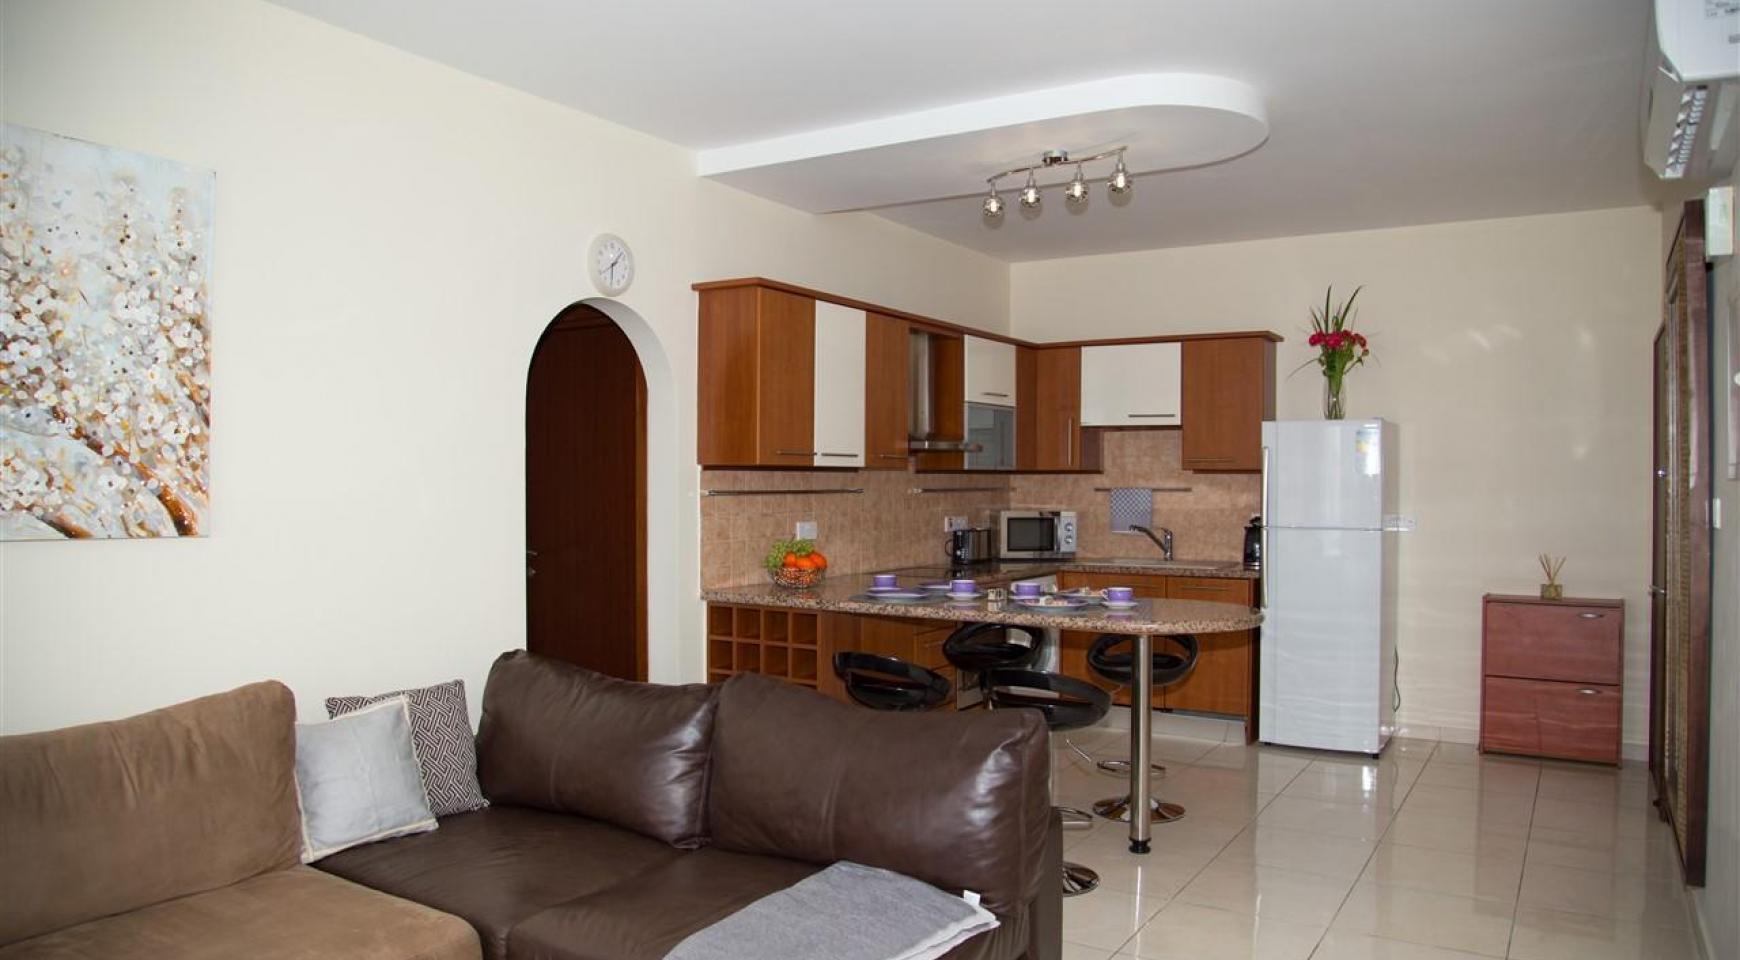 """2-Спальная Квартира - Люкс """"Mesogios Iris 304"""" в Туристической Зоне возле Моря - 8"""